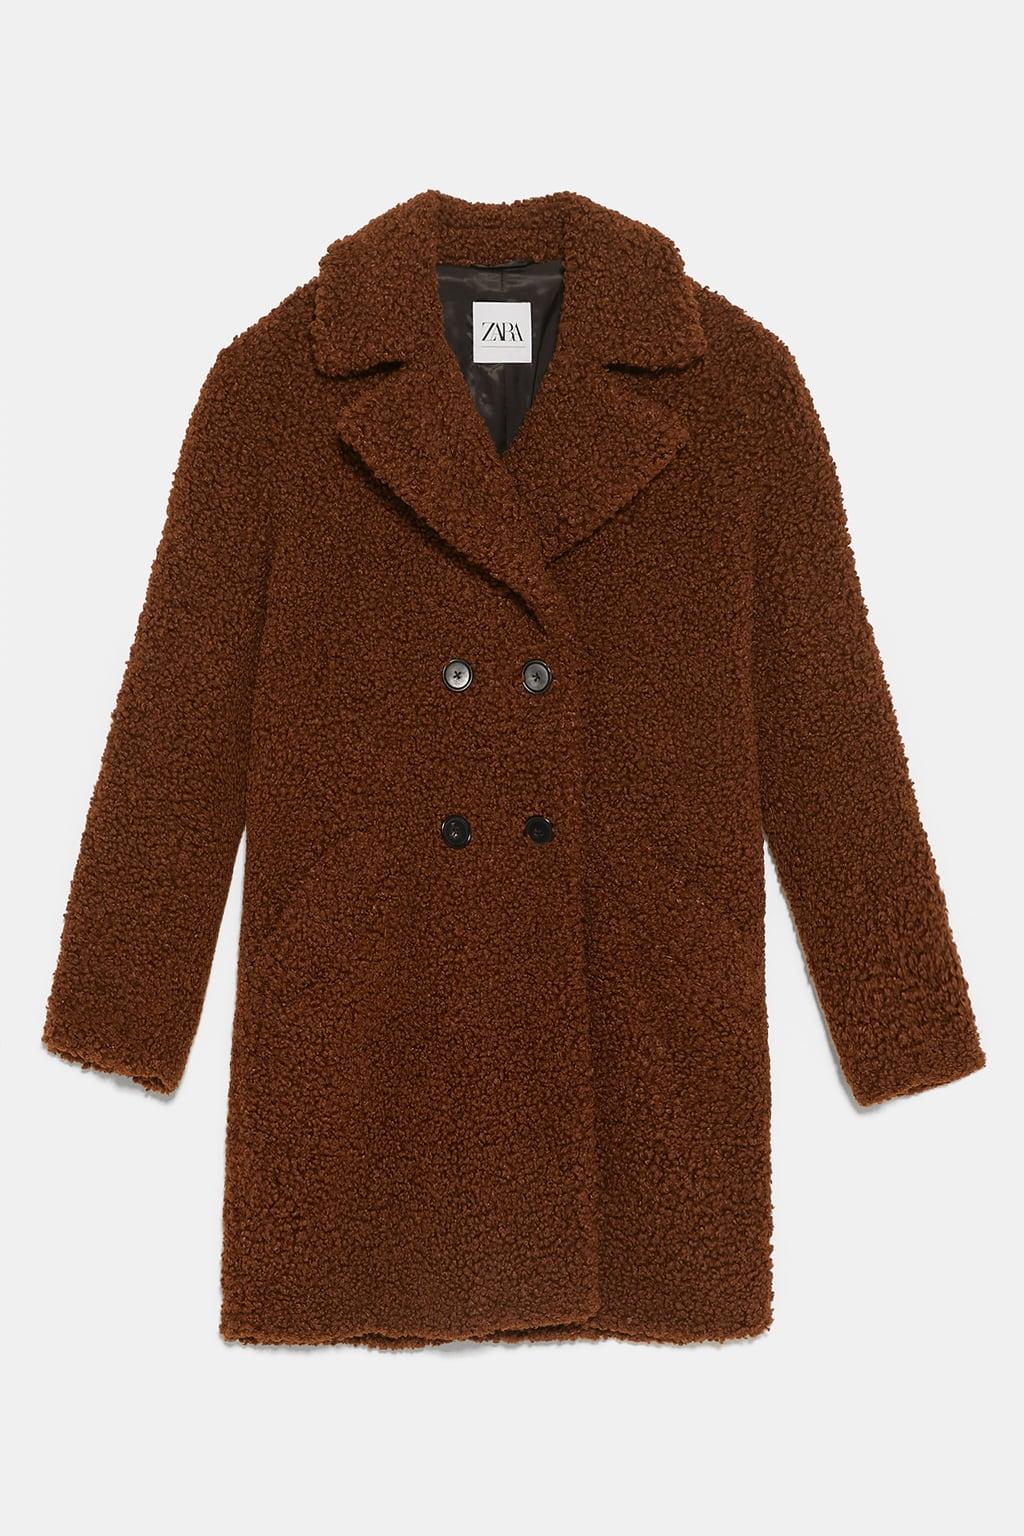 ZARA Teddy Coat, £89.99